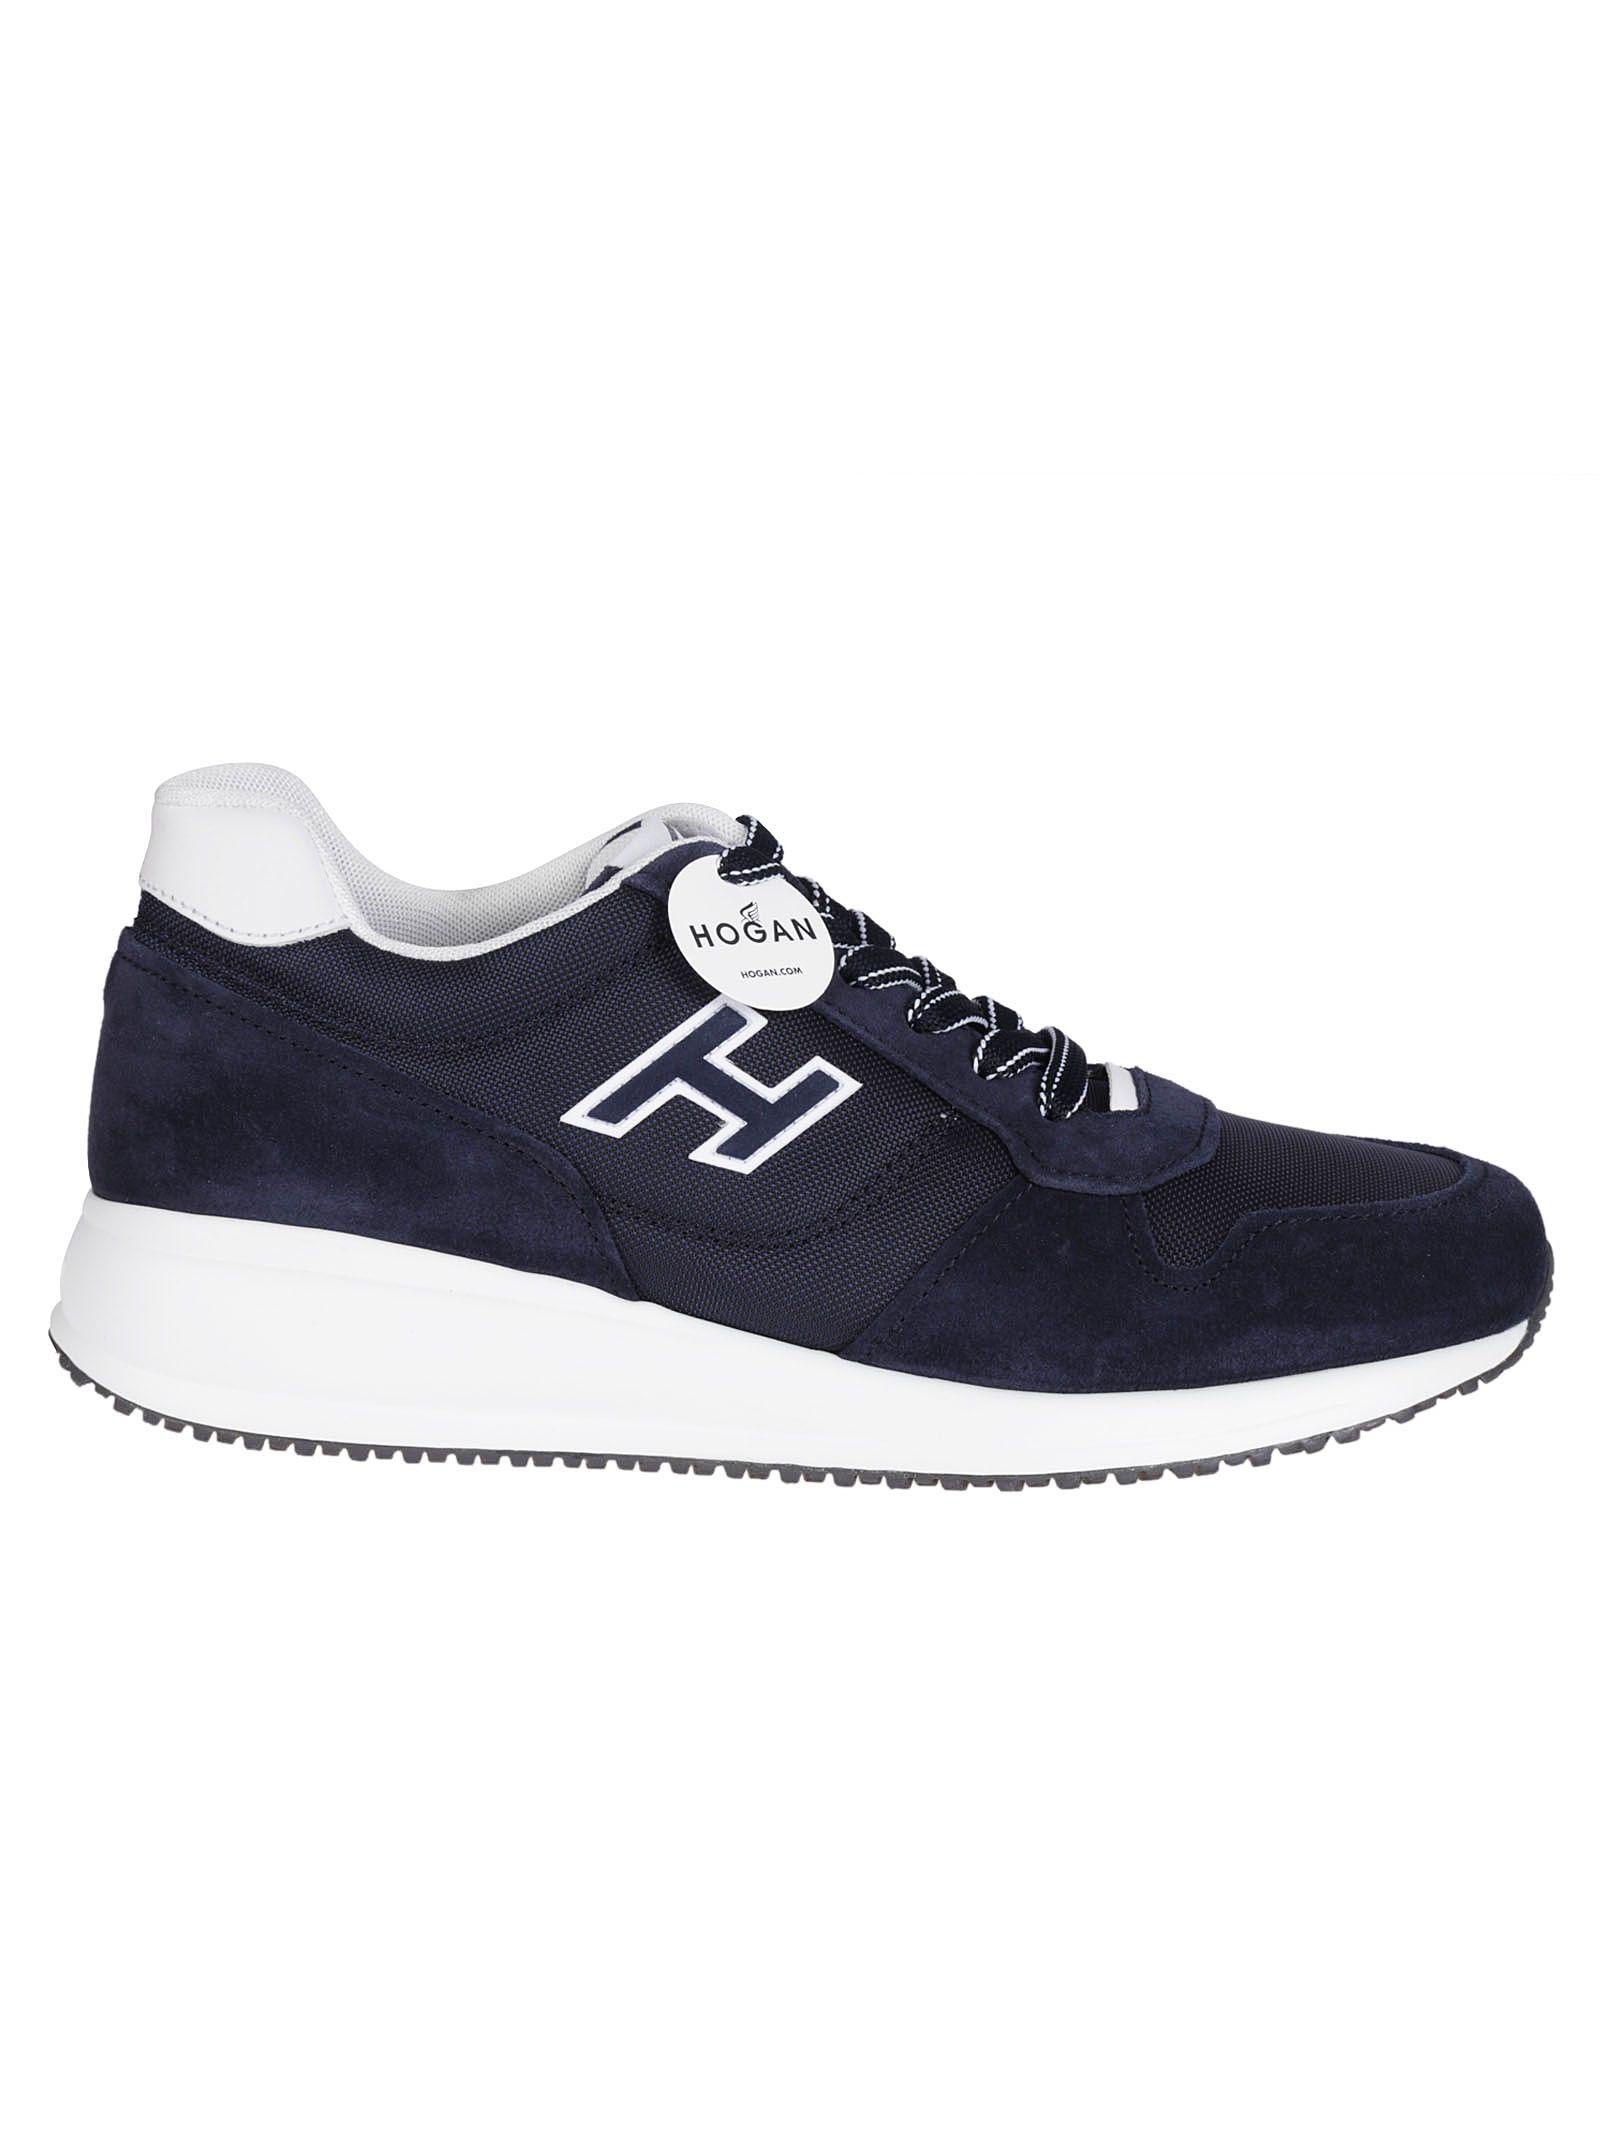 Hogan Interactive N20 Sneakers